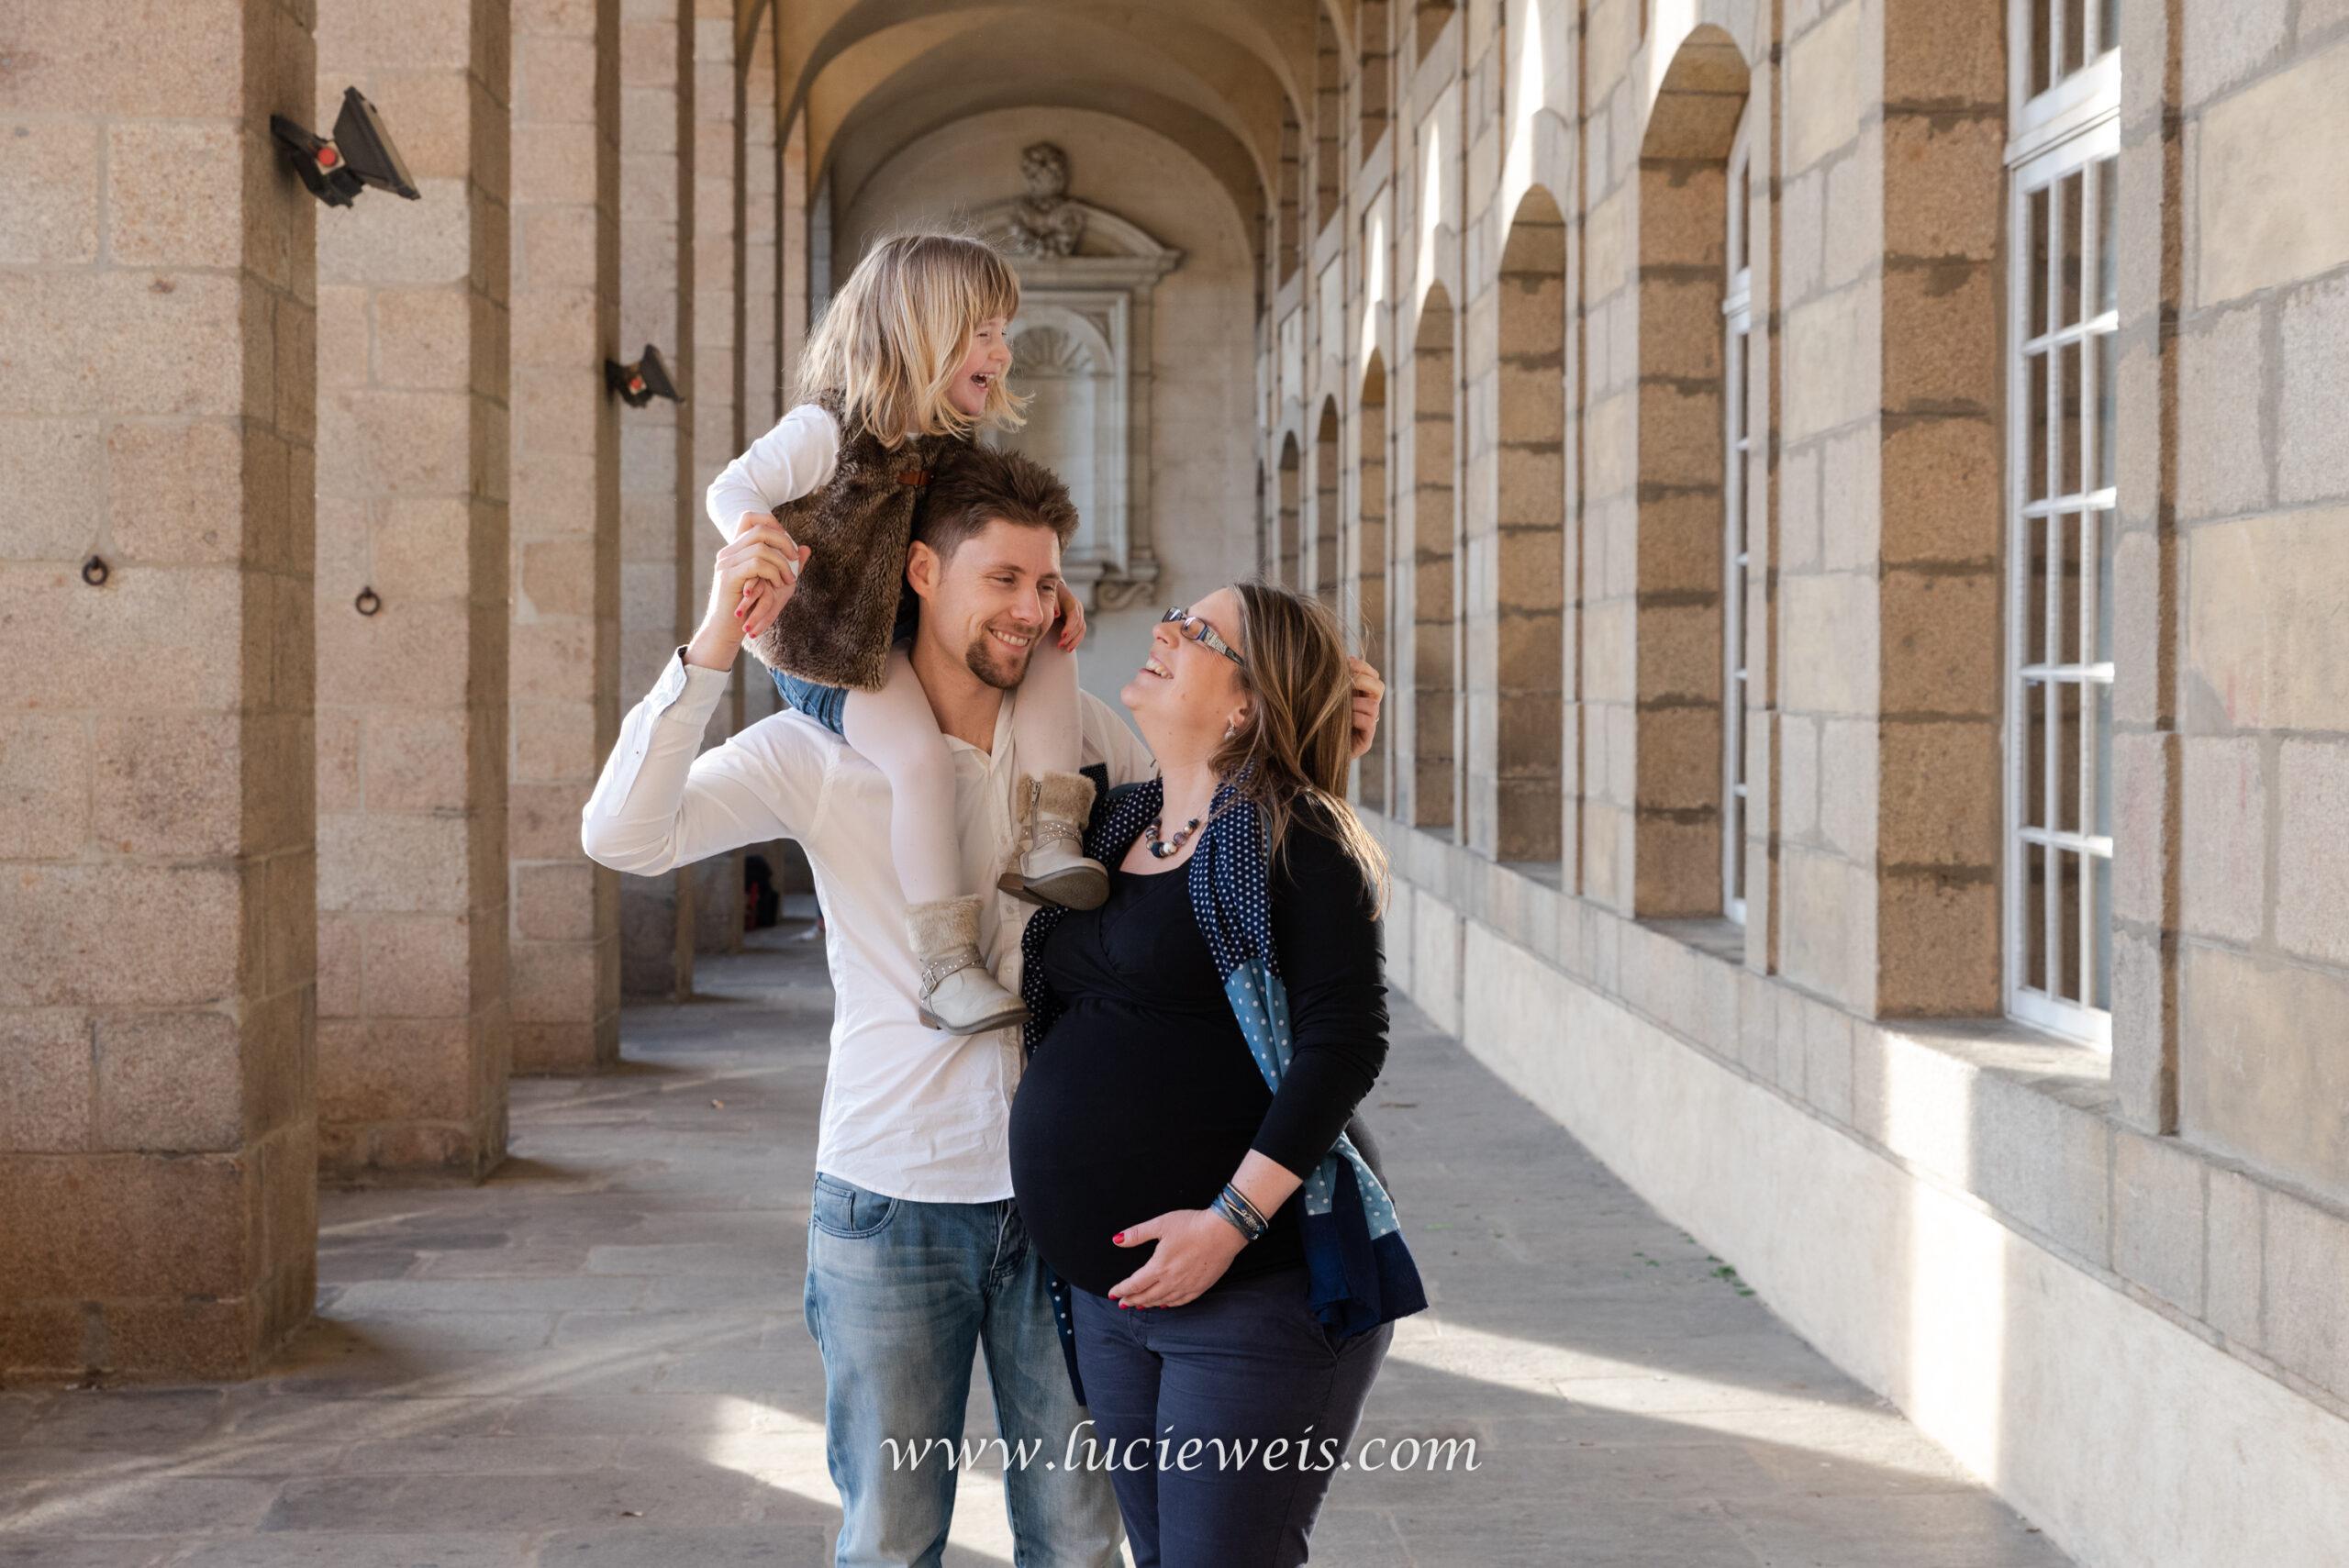 séance-photo-maternité-rennes-lucie-weis-photographe